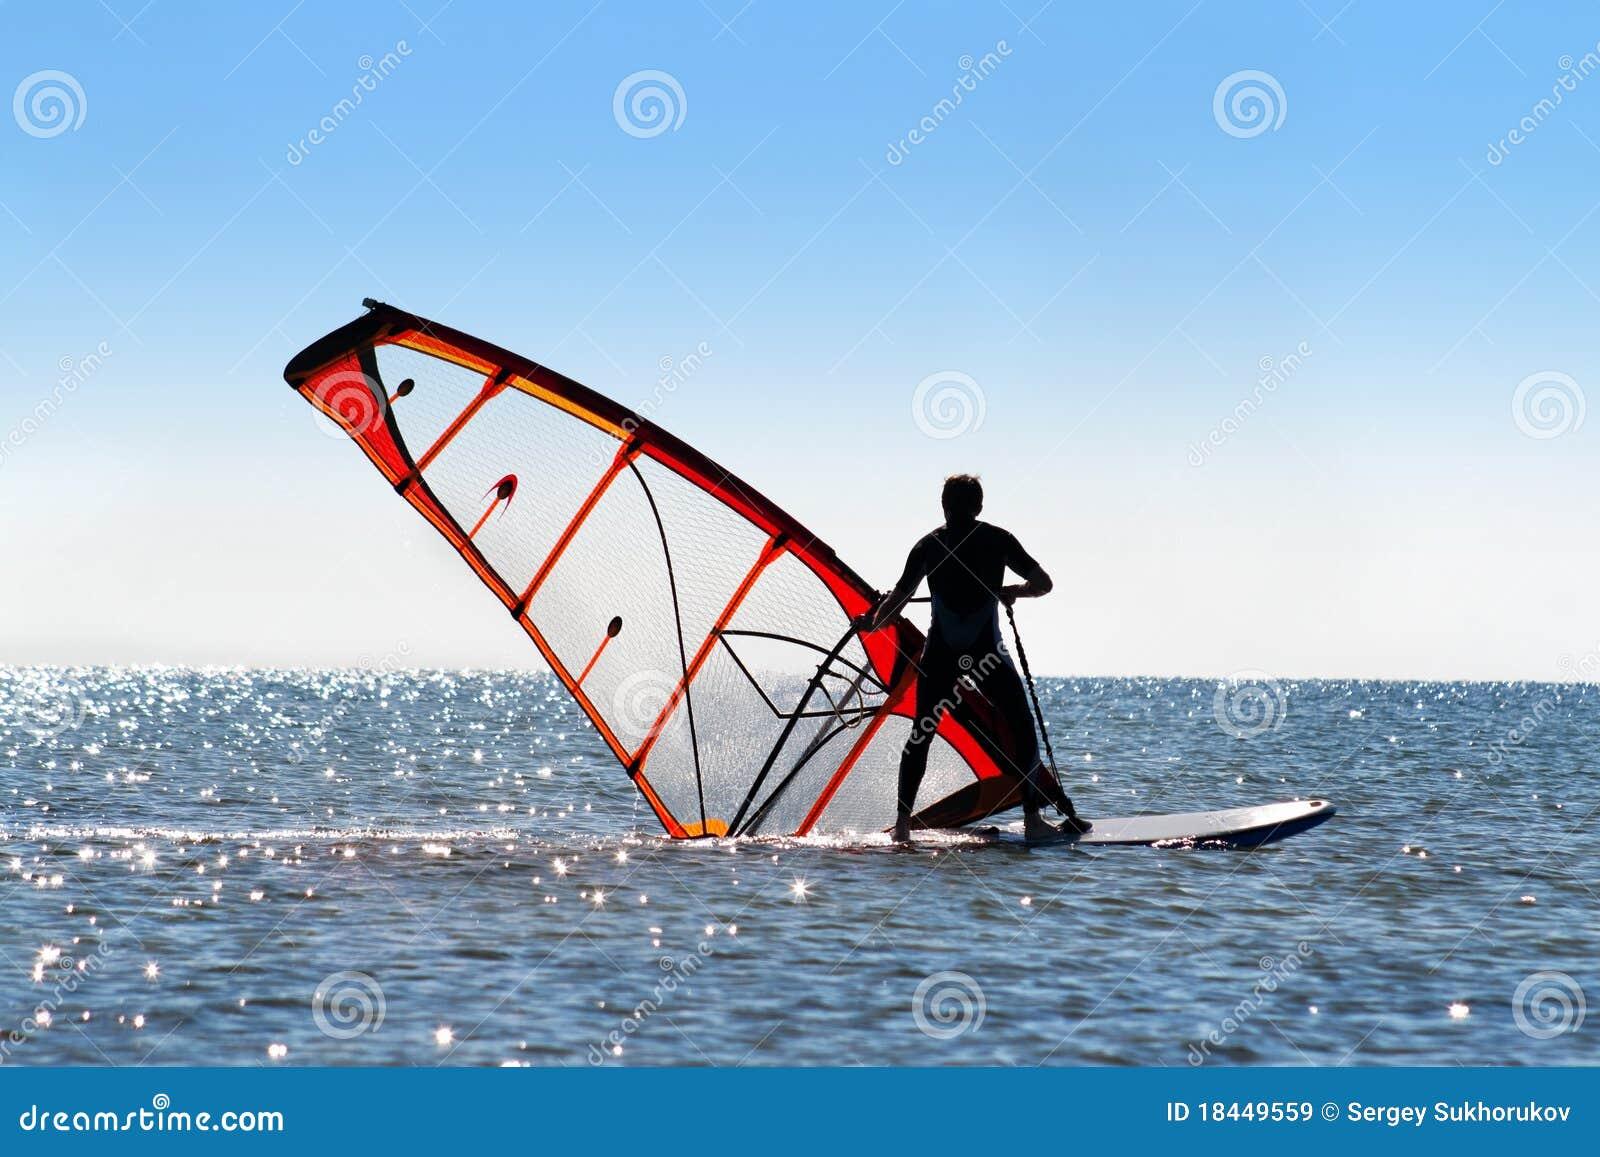 Windsurfer hebt das Segel auf